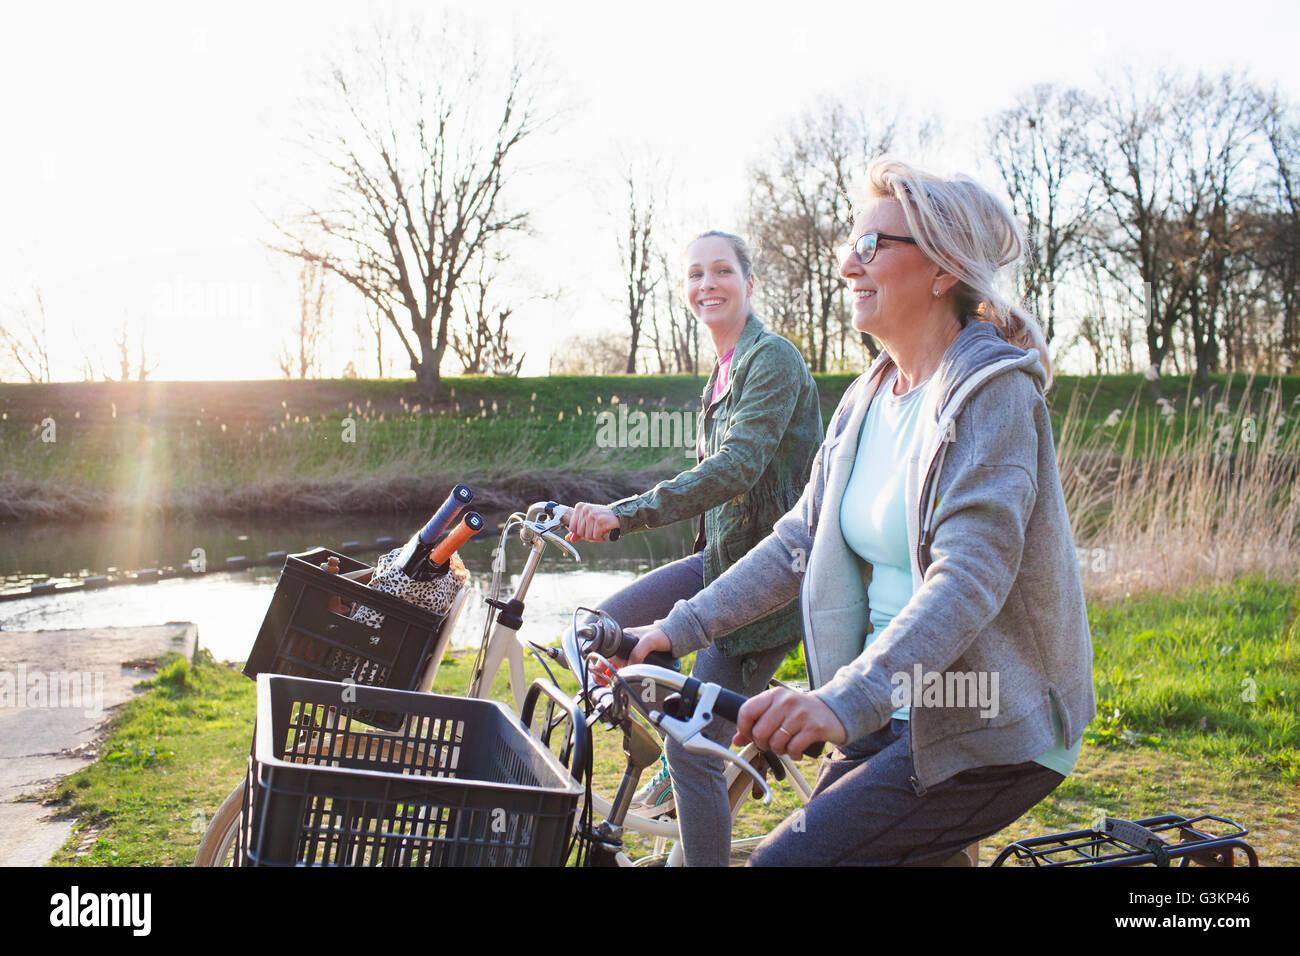 Vista lateral de la mujer bicicleta por río Imagen De Stock